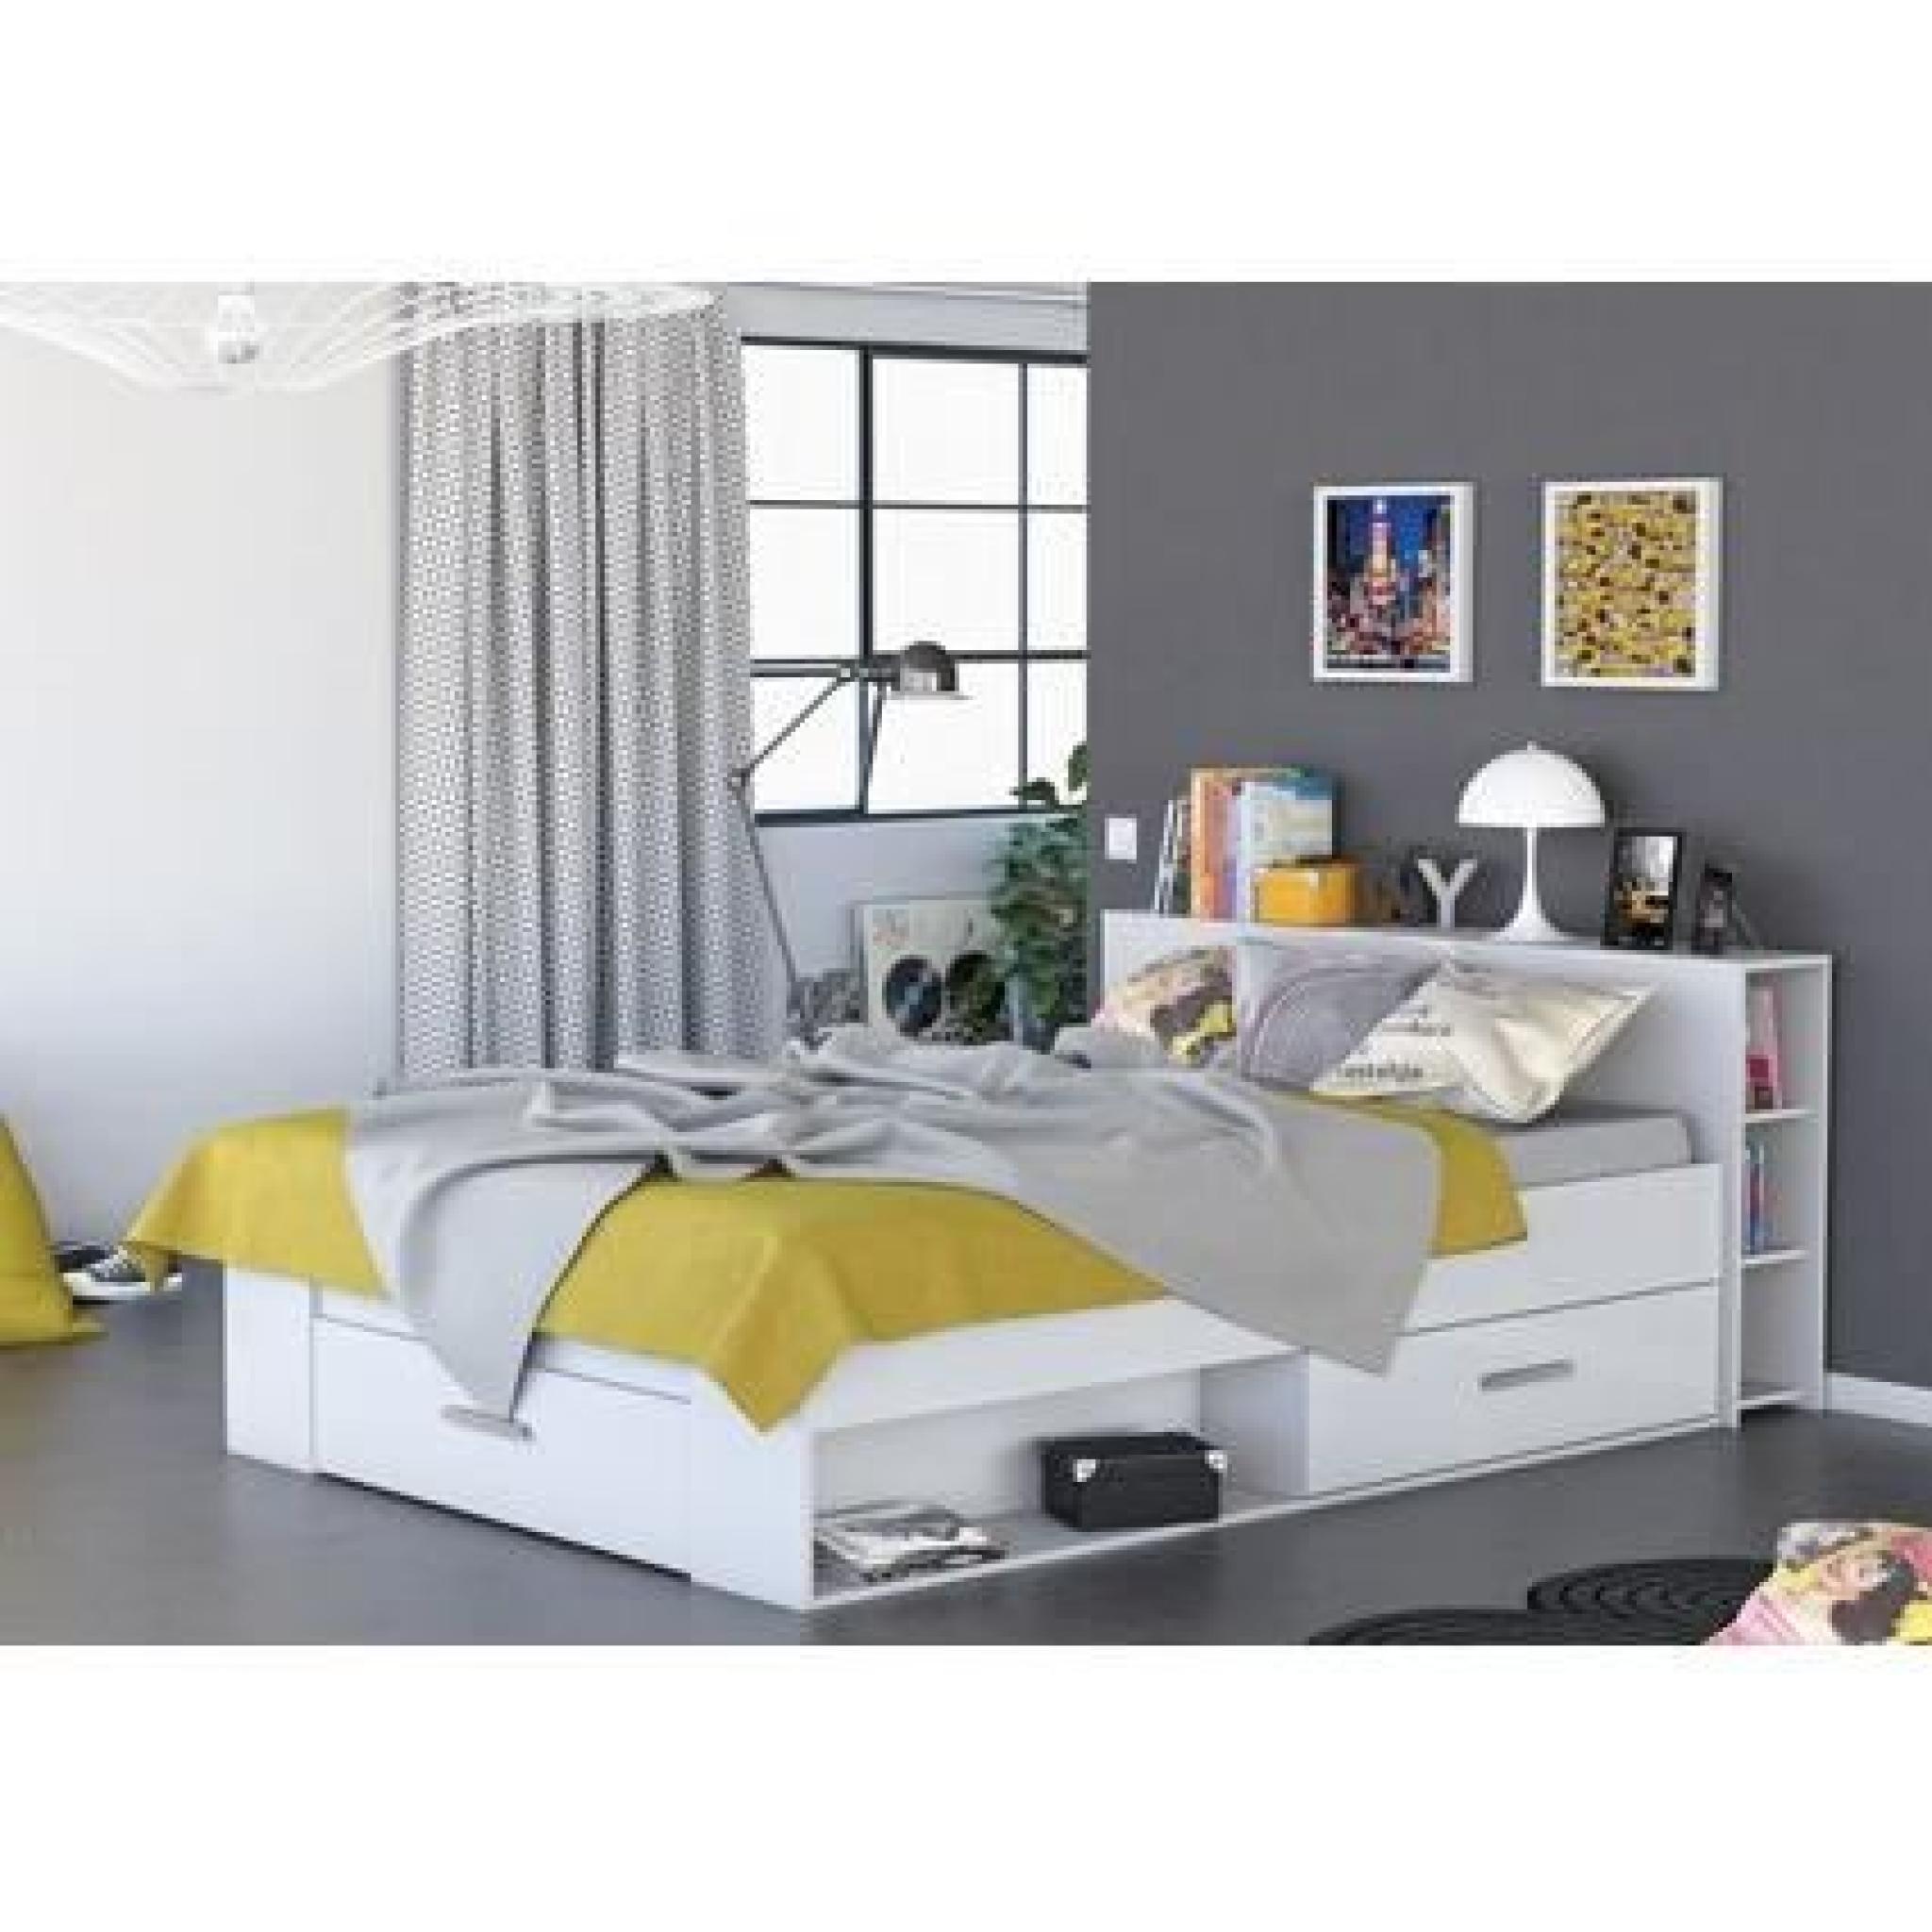 OXYGENE Lit adulte + rangements 140x190 blanc - Achat/Vente lit pas cher - Couleur-et-design.fr